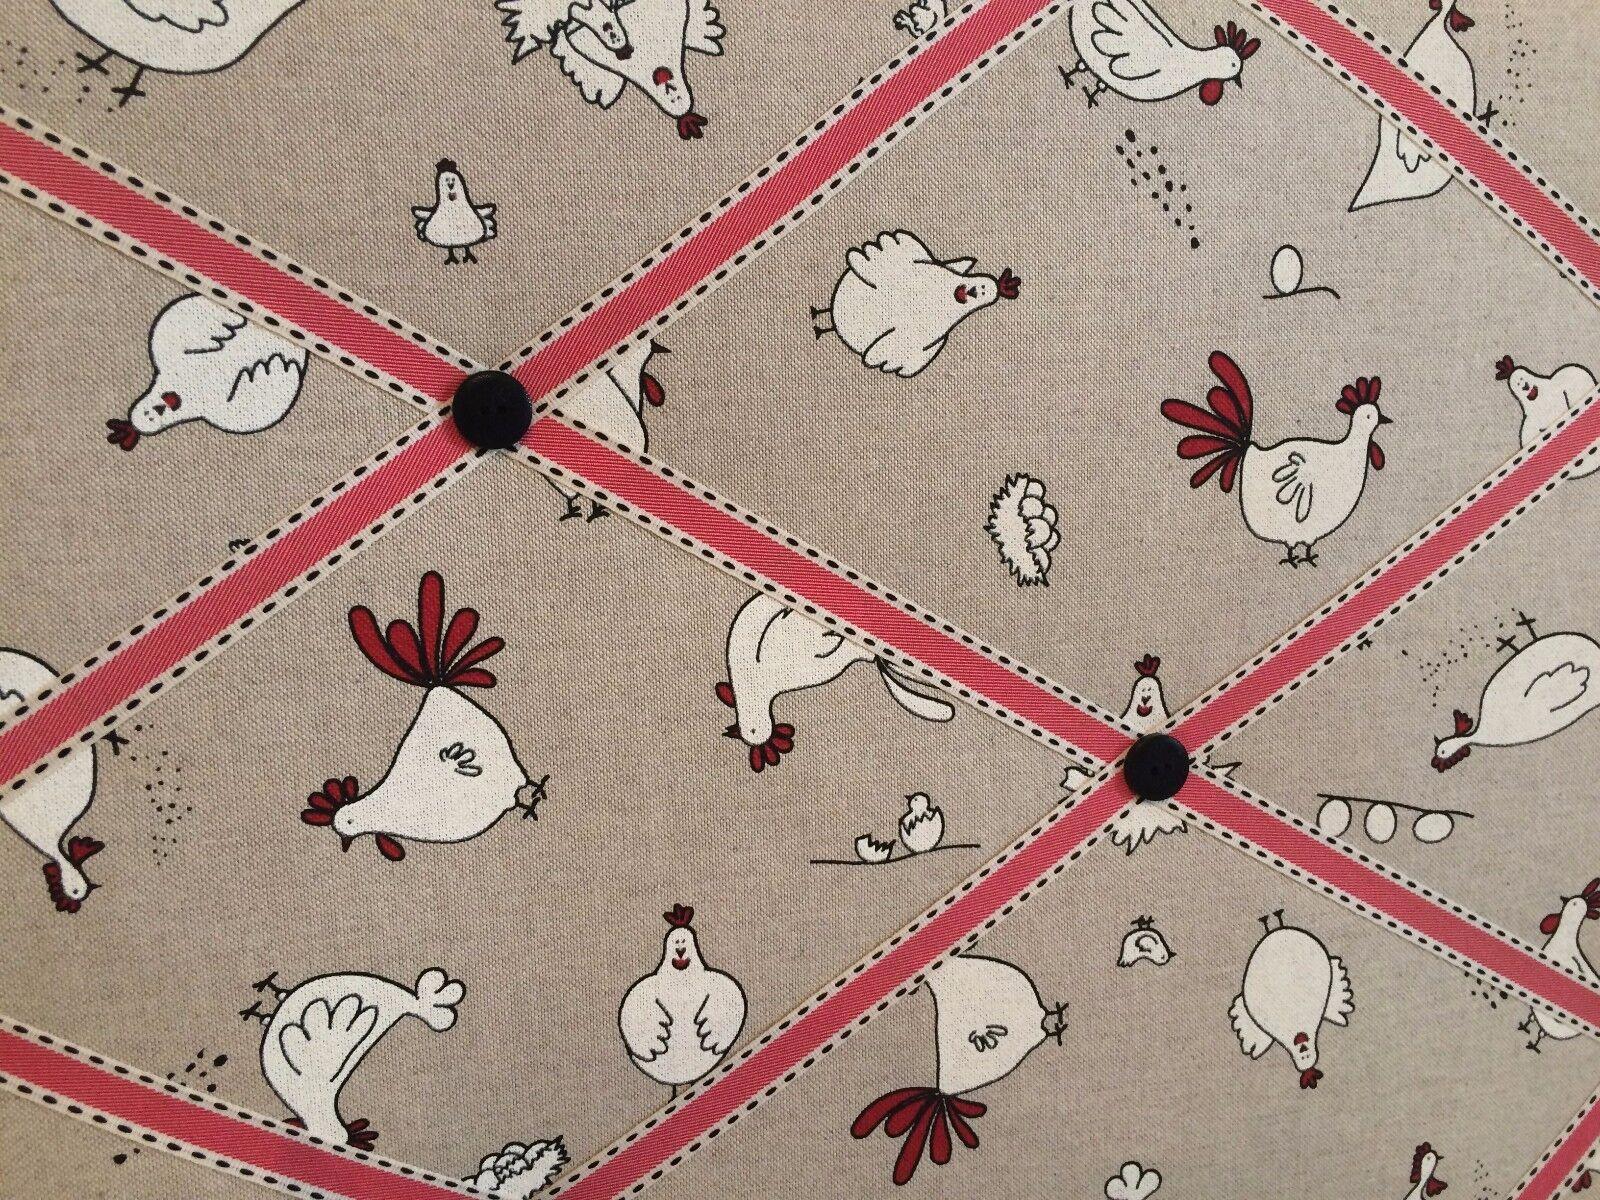 Sm lg xl xl xl tissu pin/mémo/avis/planche photo de ferme/poulet/mouton 4ac7db